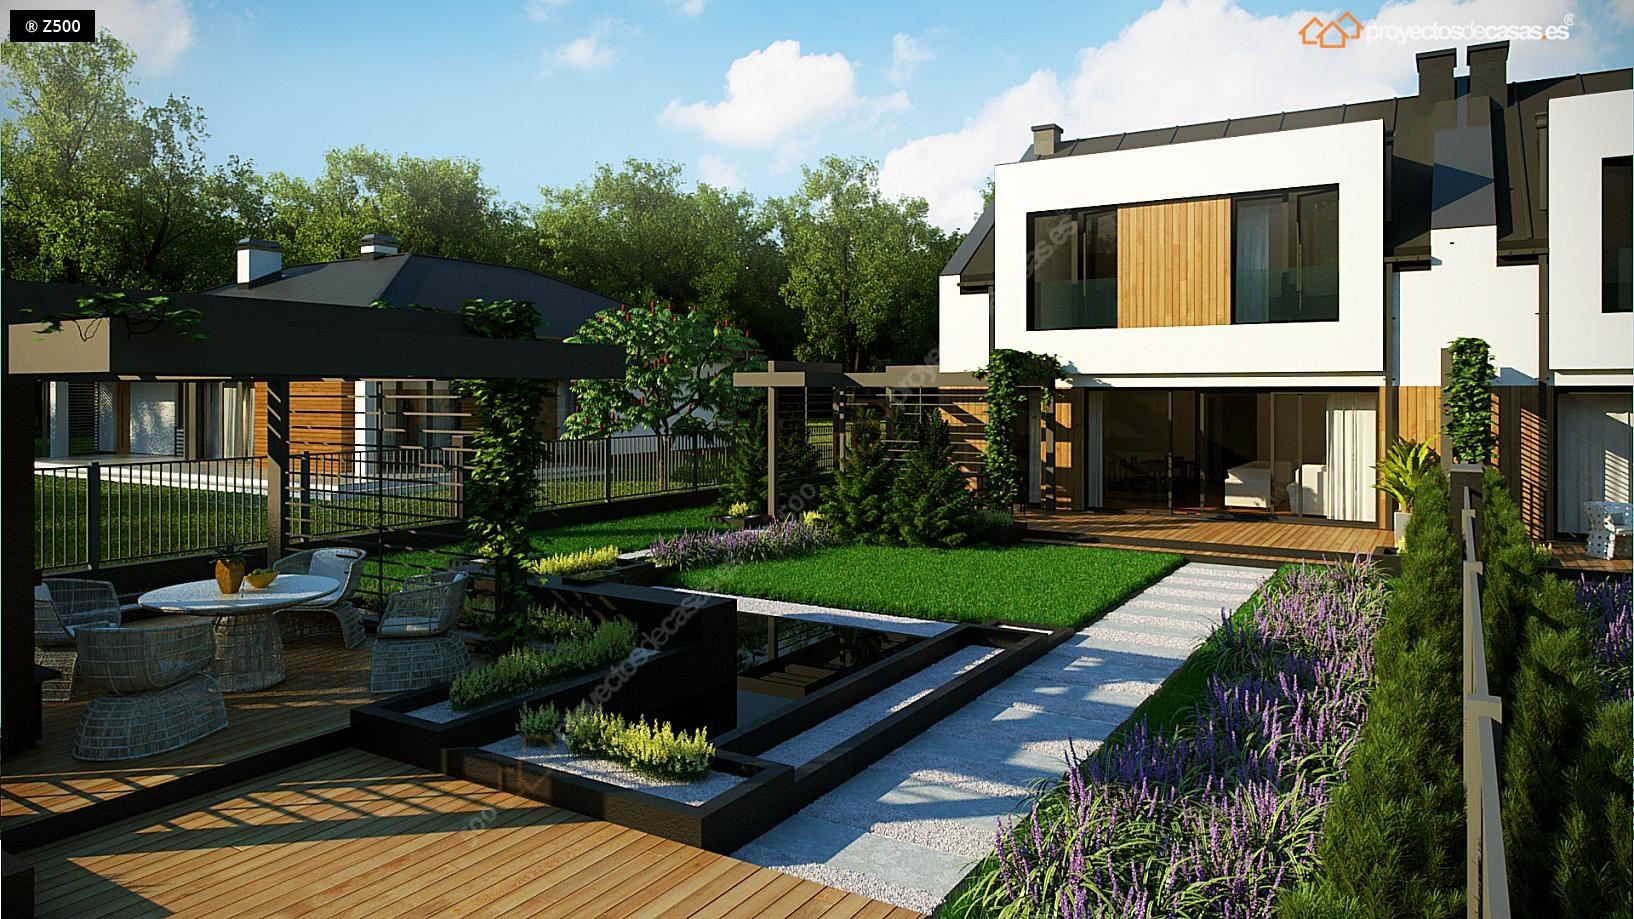 Proyectos de casas casa adosada moderna alcobendas for Proyectos de casas modernas